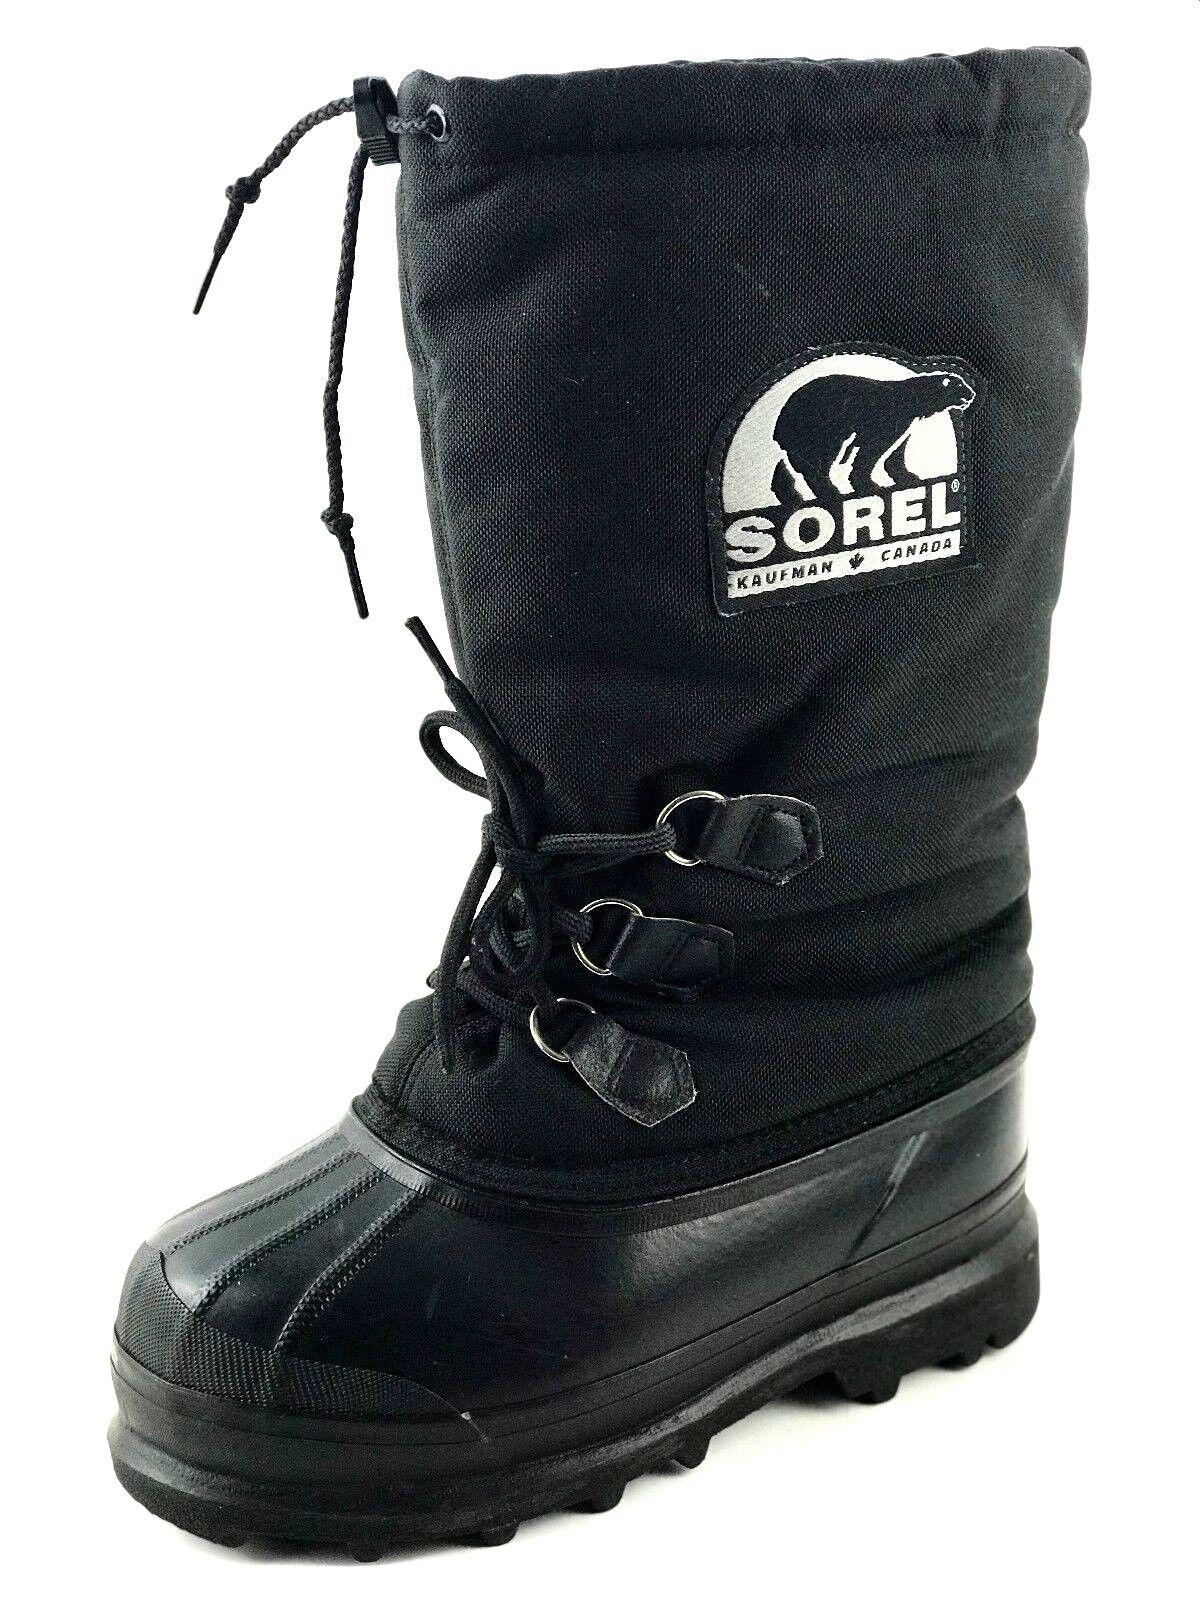 Sorel-Glacier Snow-Boots-Black-Mens / Womens Boot Men's US.7 Wmn's US.9